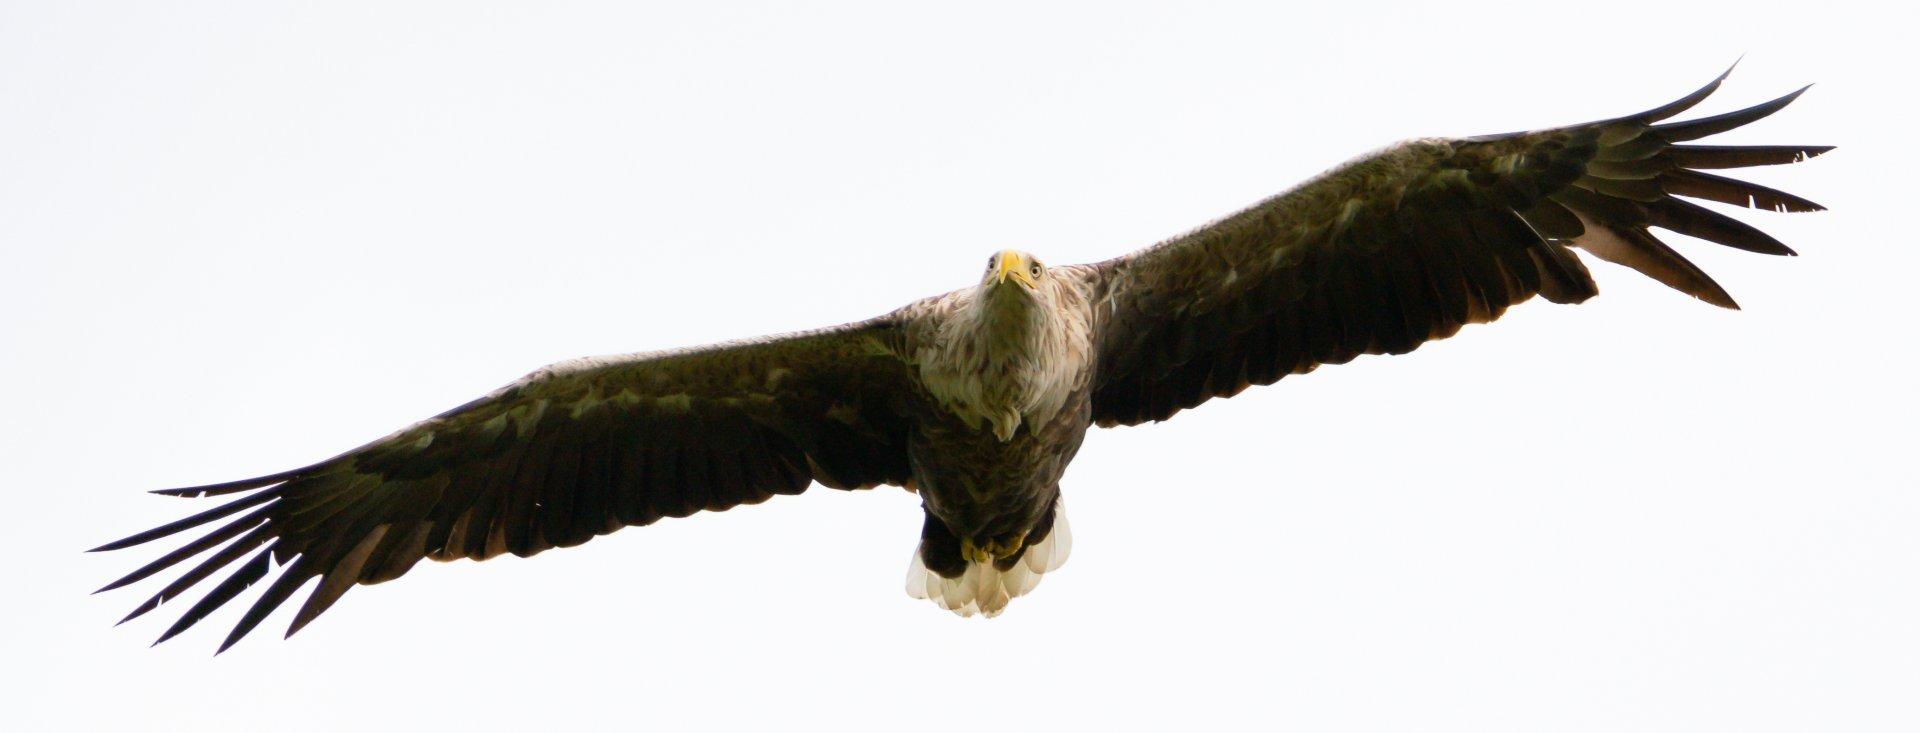 Adler Druckversion 2.jpg